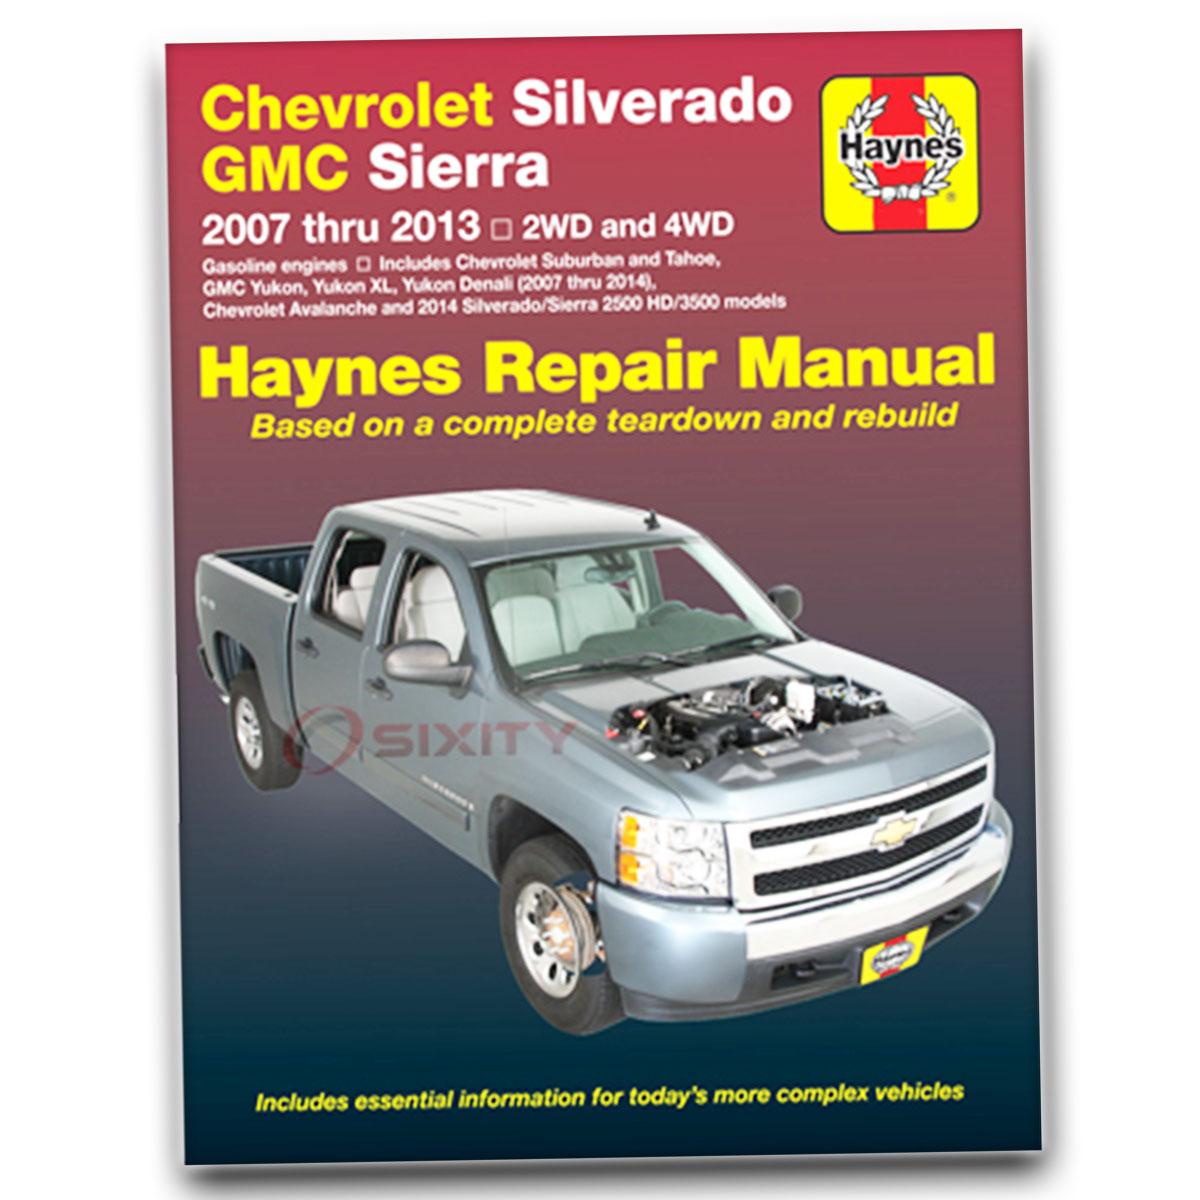 haynes manual pdf ford focus